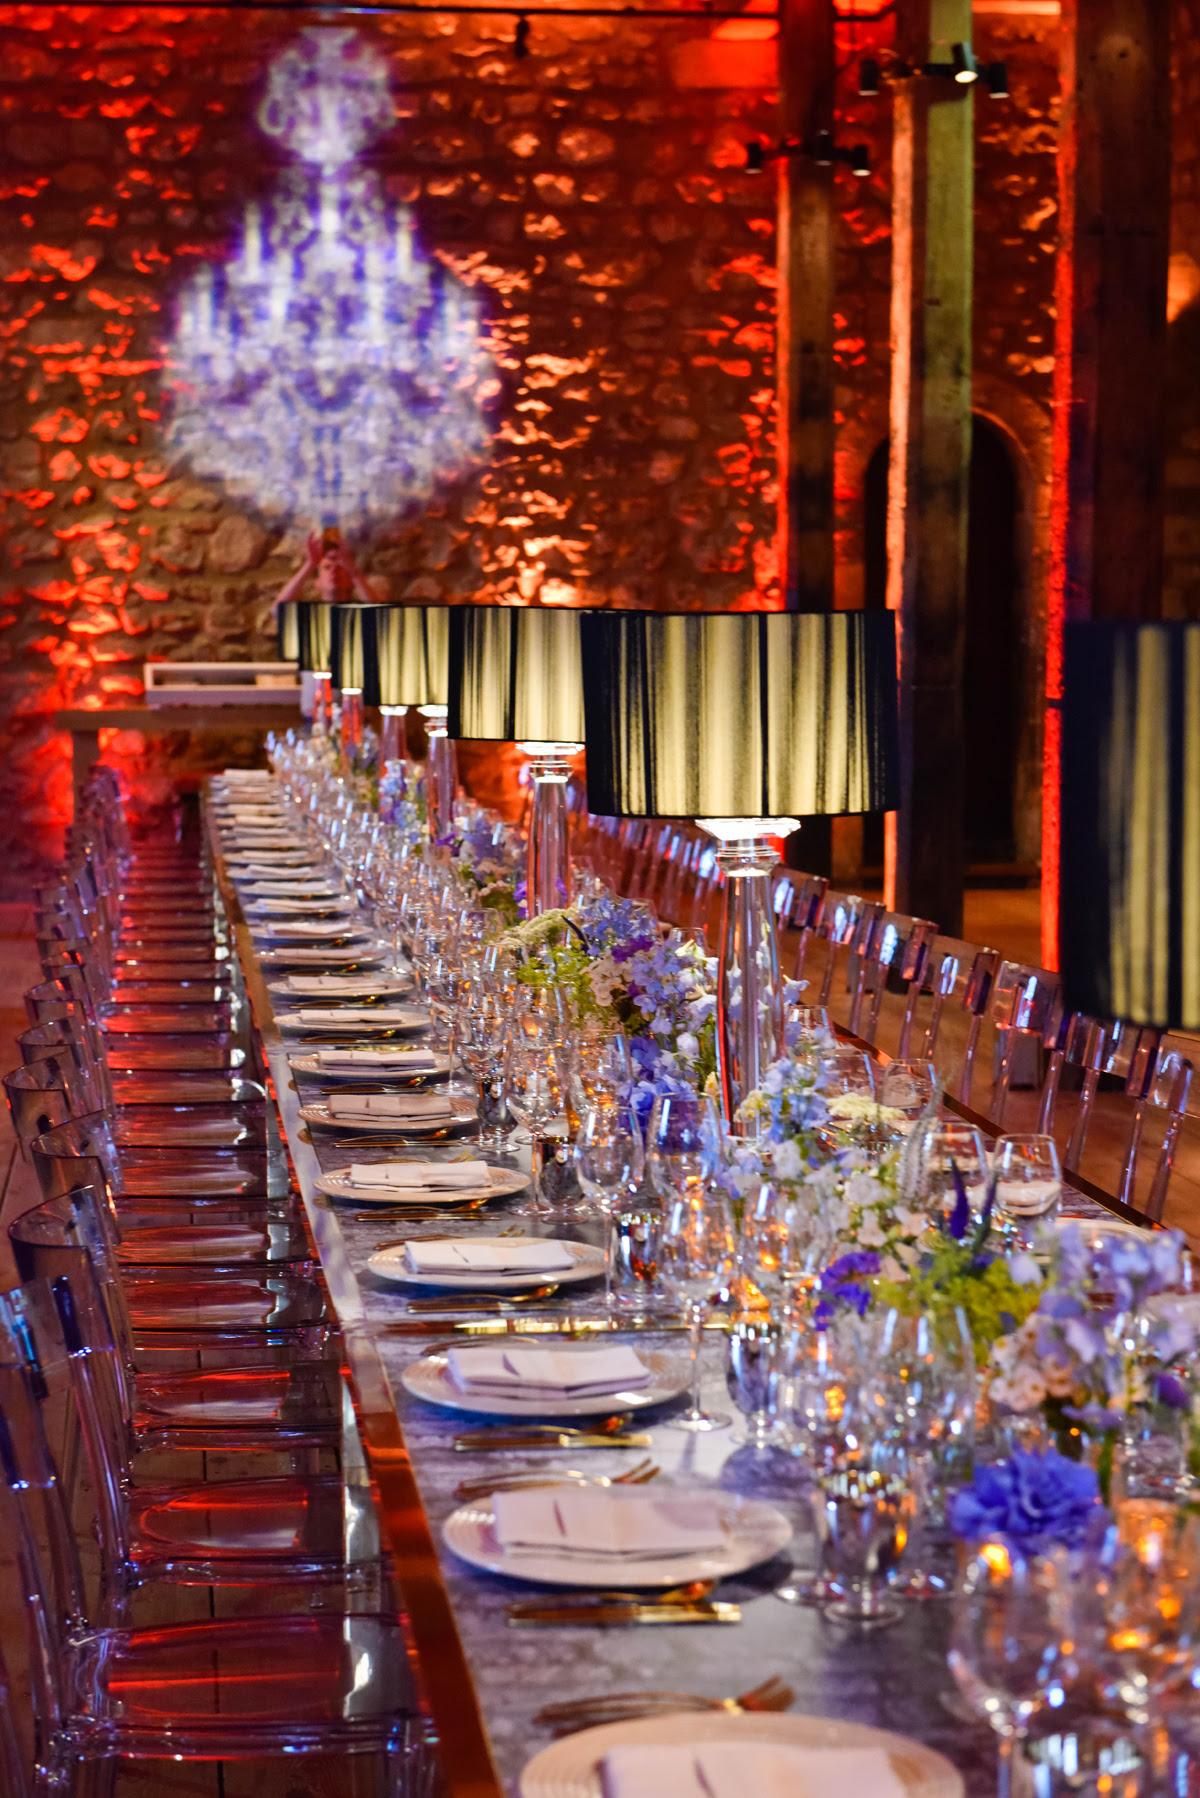 Historic Royal Palace Wedding Venues   Love My Dress® UK ...